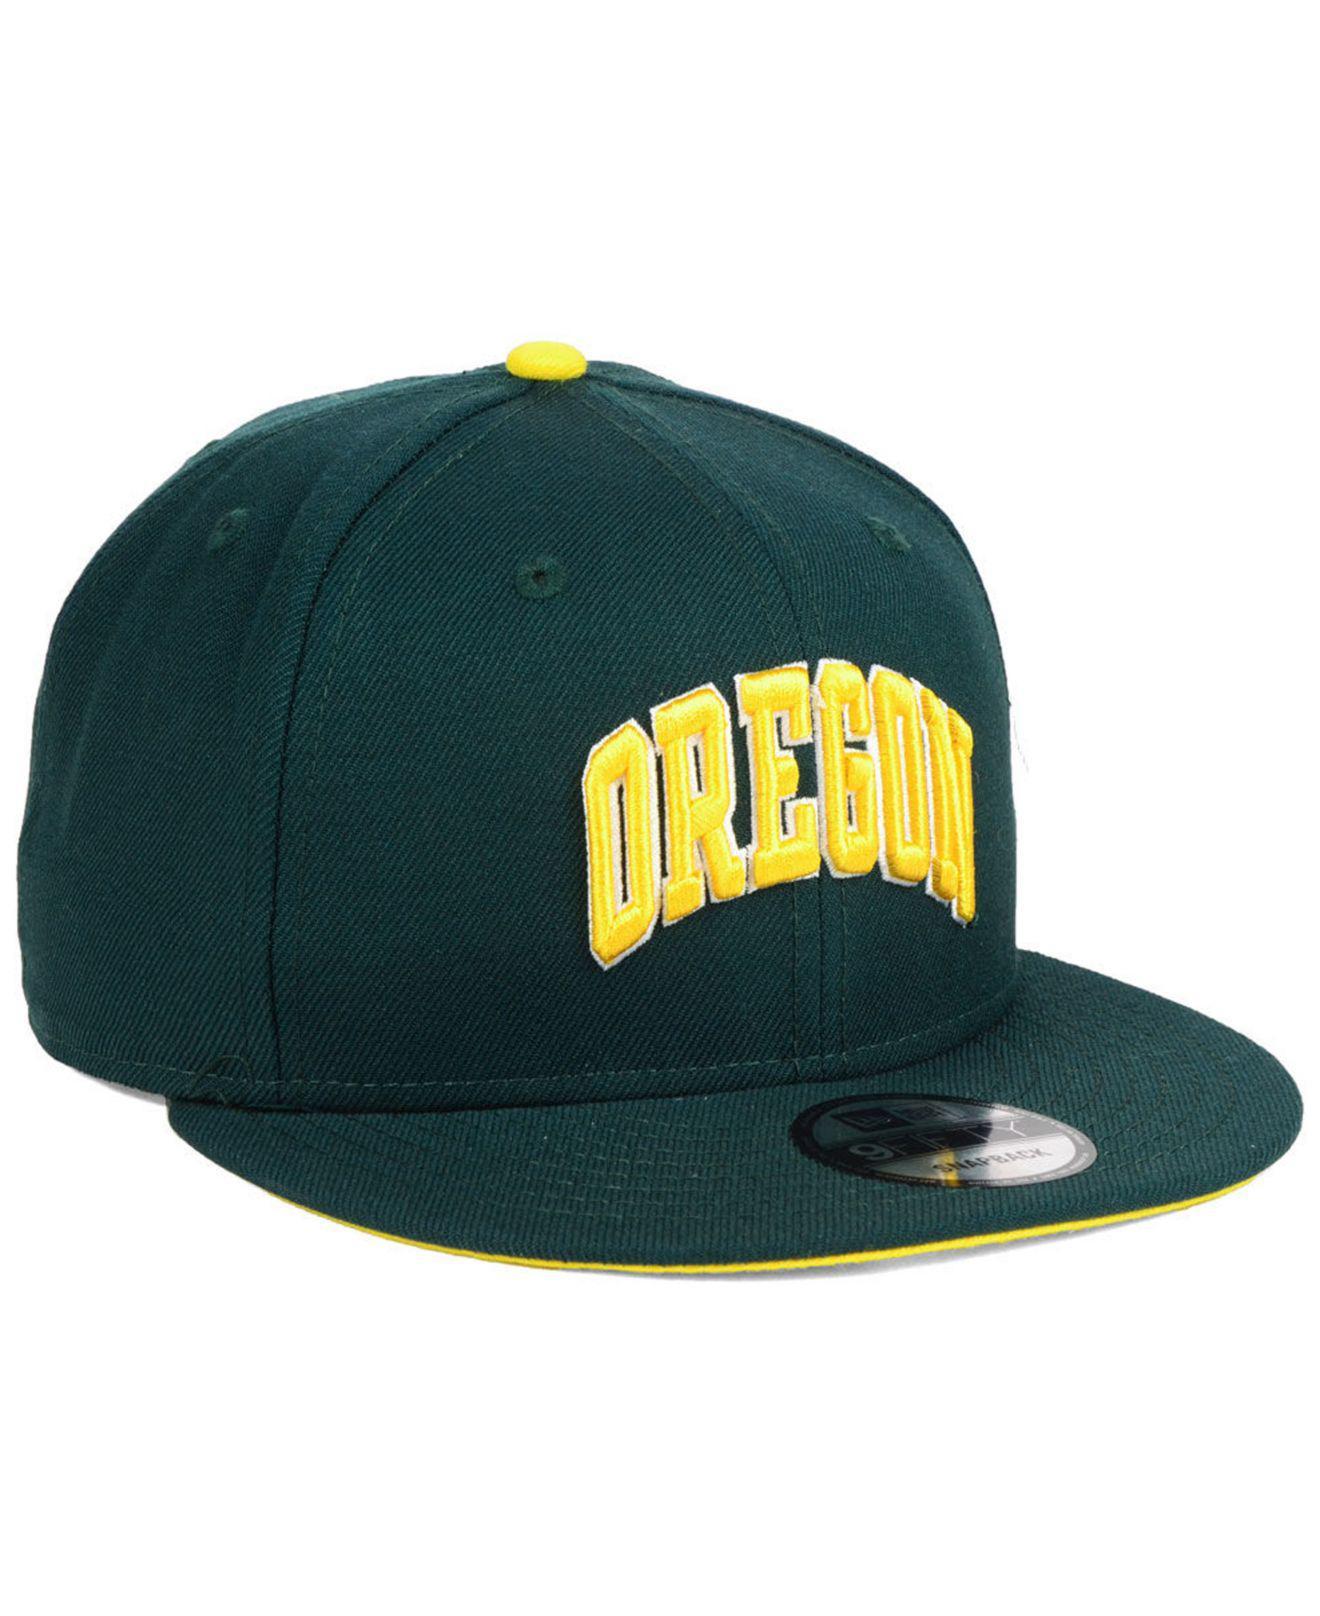 5f93e48d450 ... new style oregon ducks core 9fifty snapback cap for men lyst. view  fullscreen 90f12 fb2cc